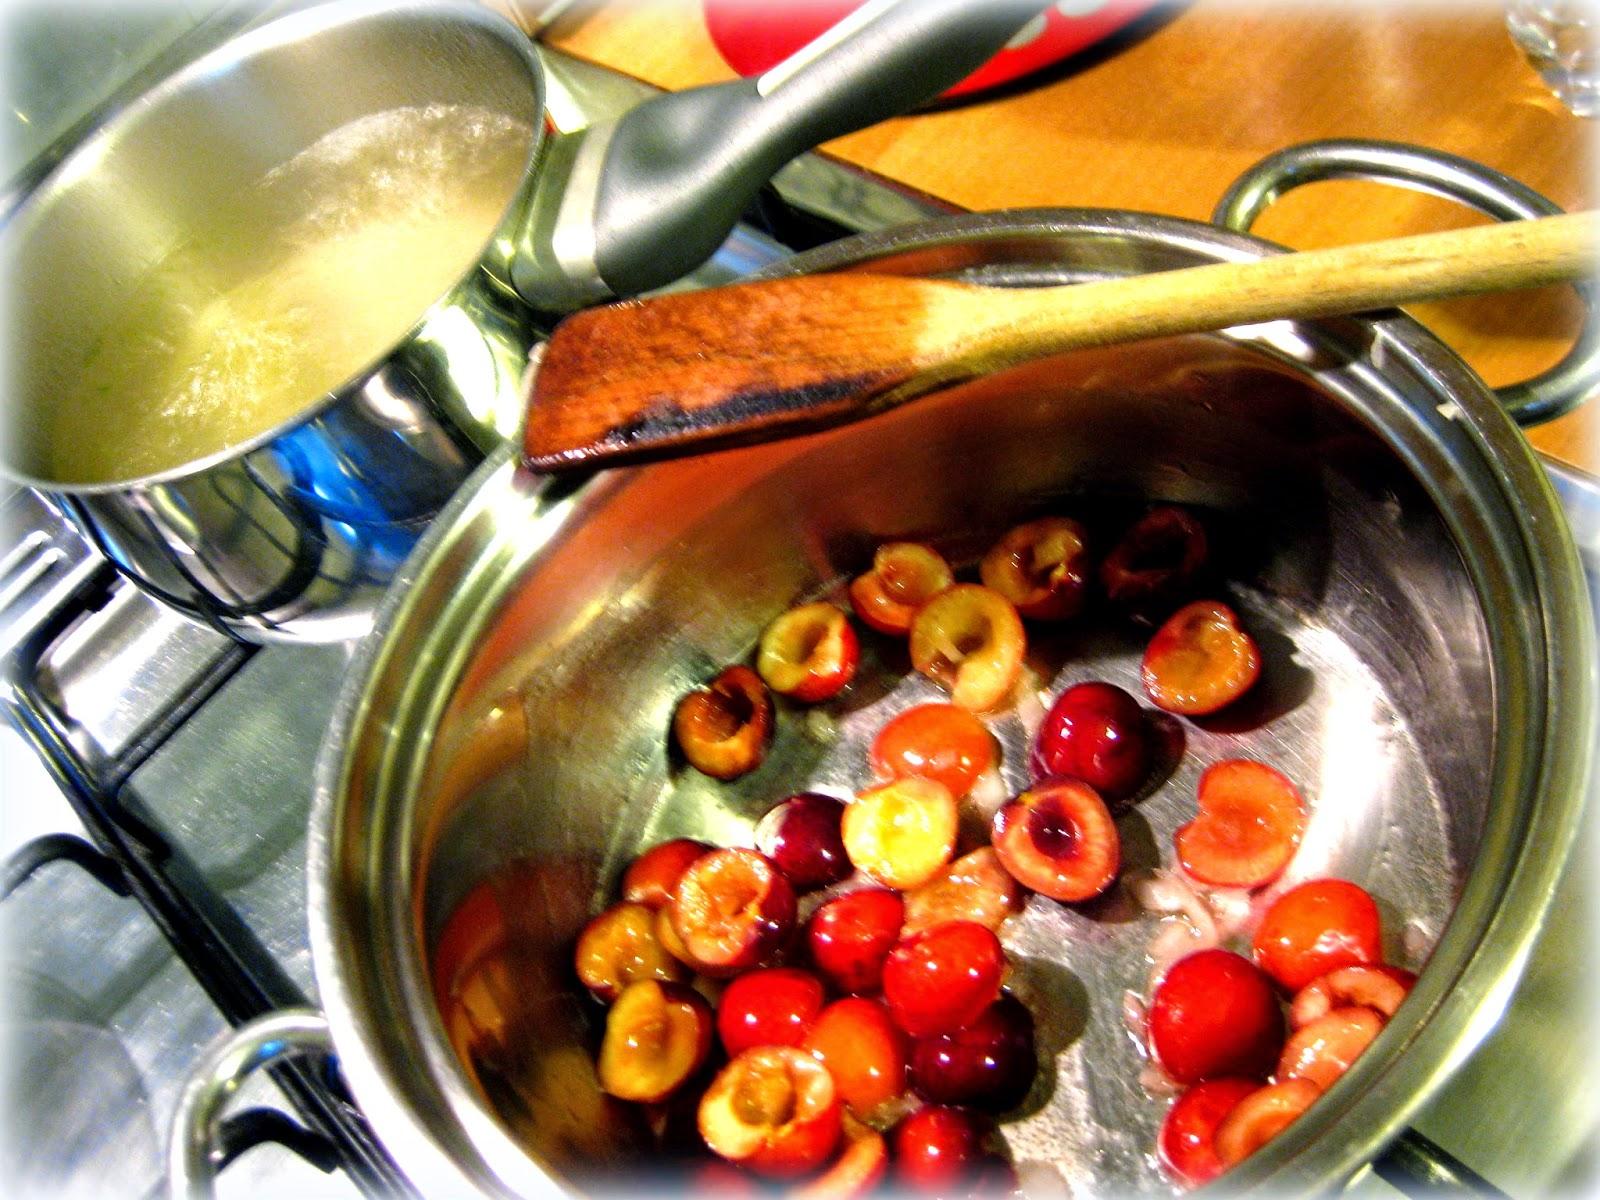 La ricetta del risotto alle ciliege è un po' inedita, ma perfetta per utilizzare le ciliege anche in una preparazione salata.